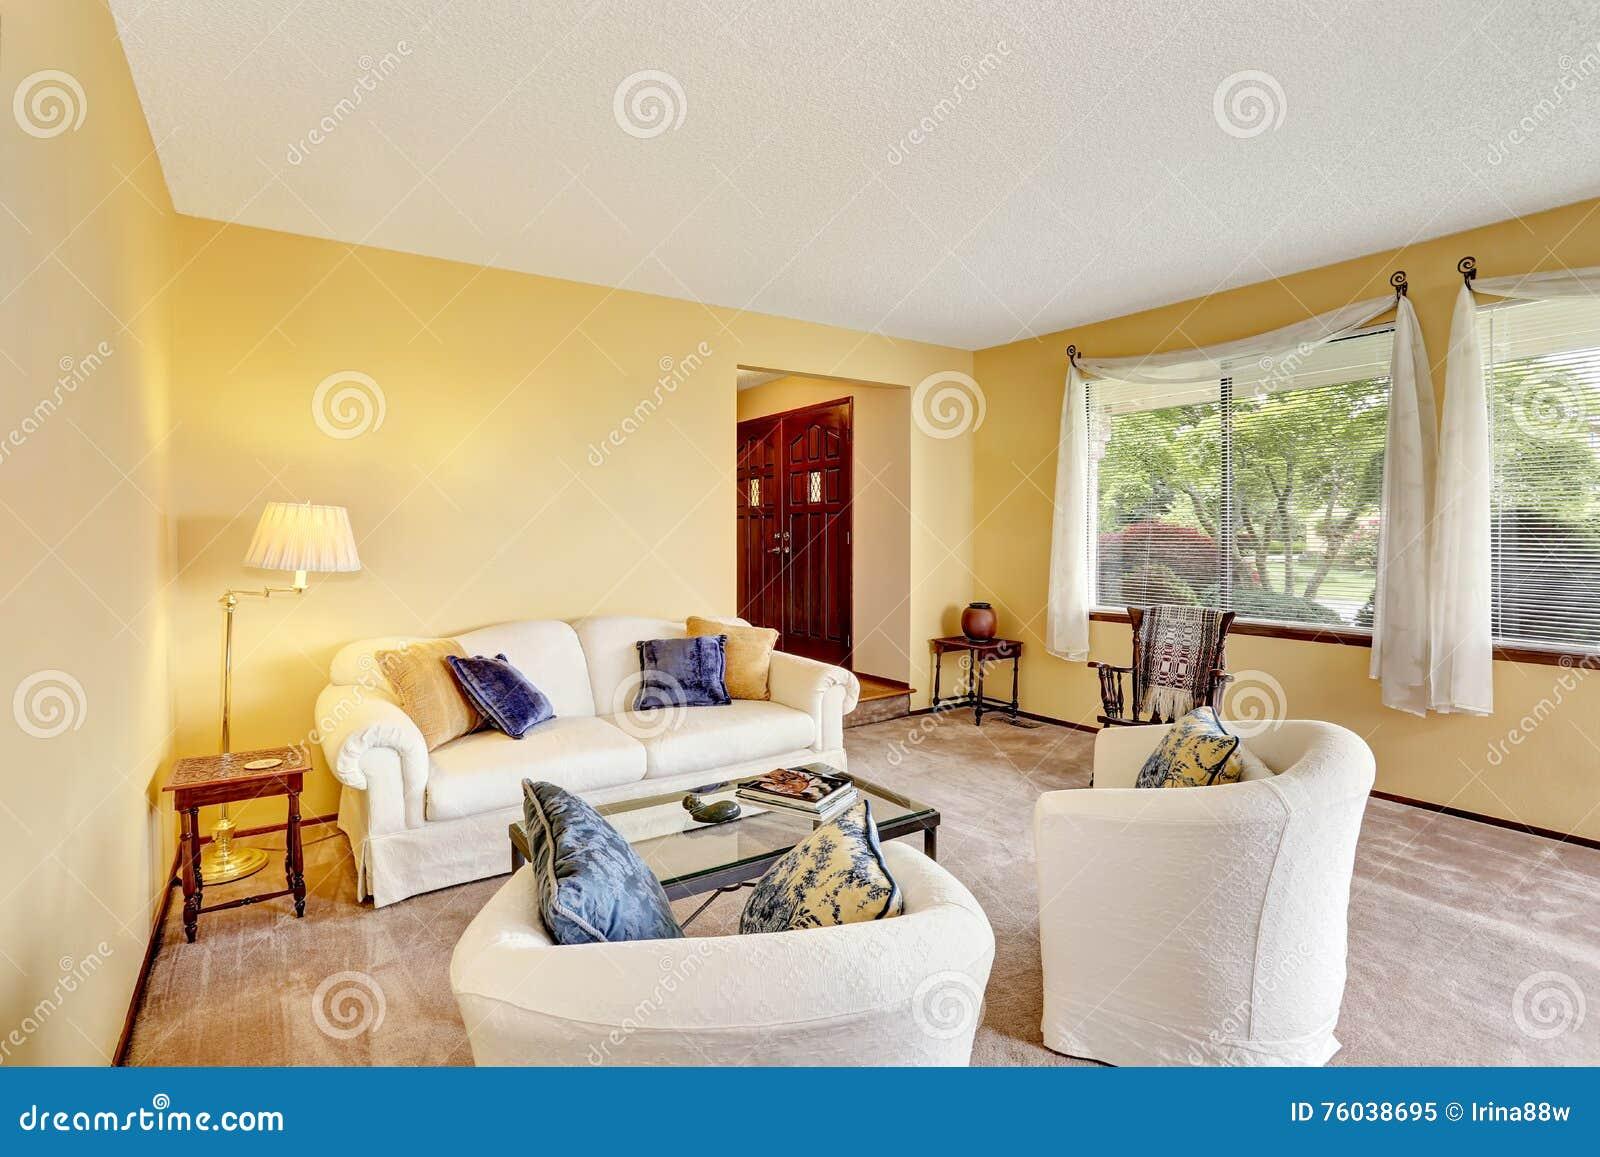 Colore Pareti Cucina Gialla : Salone accogliente con le pareti giallo chiaro e la